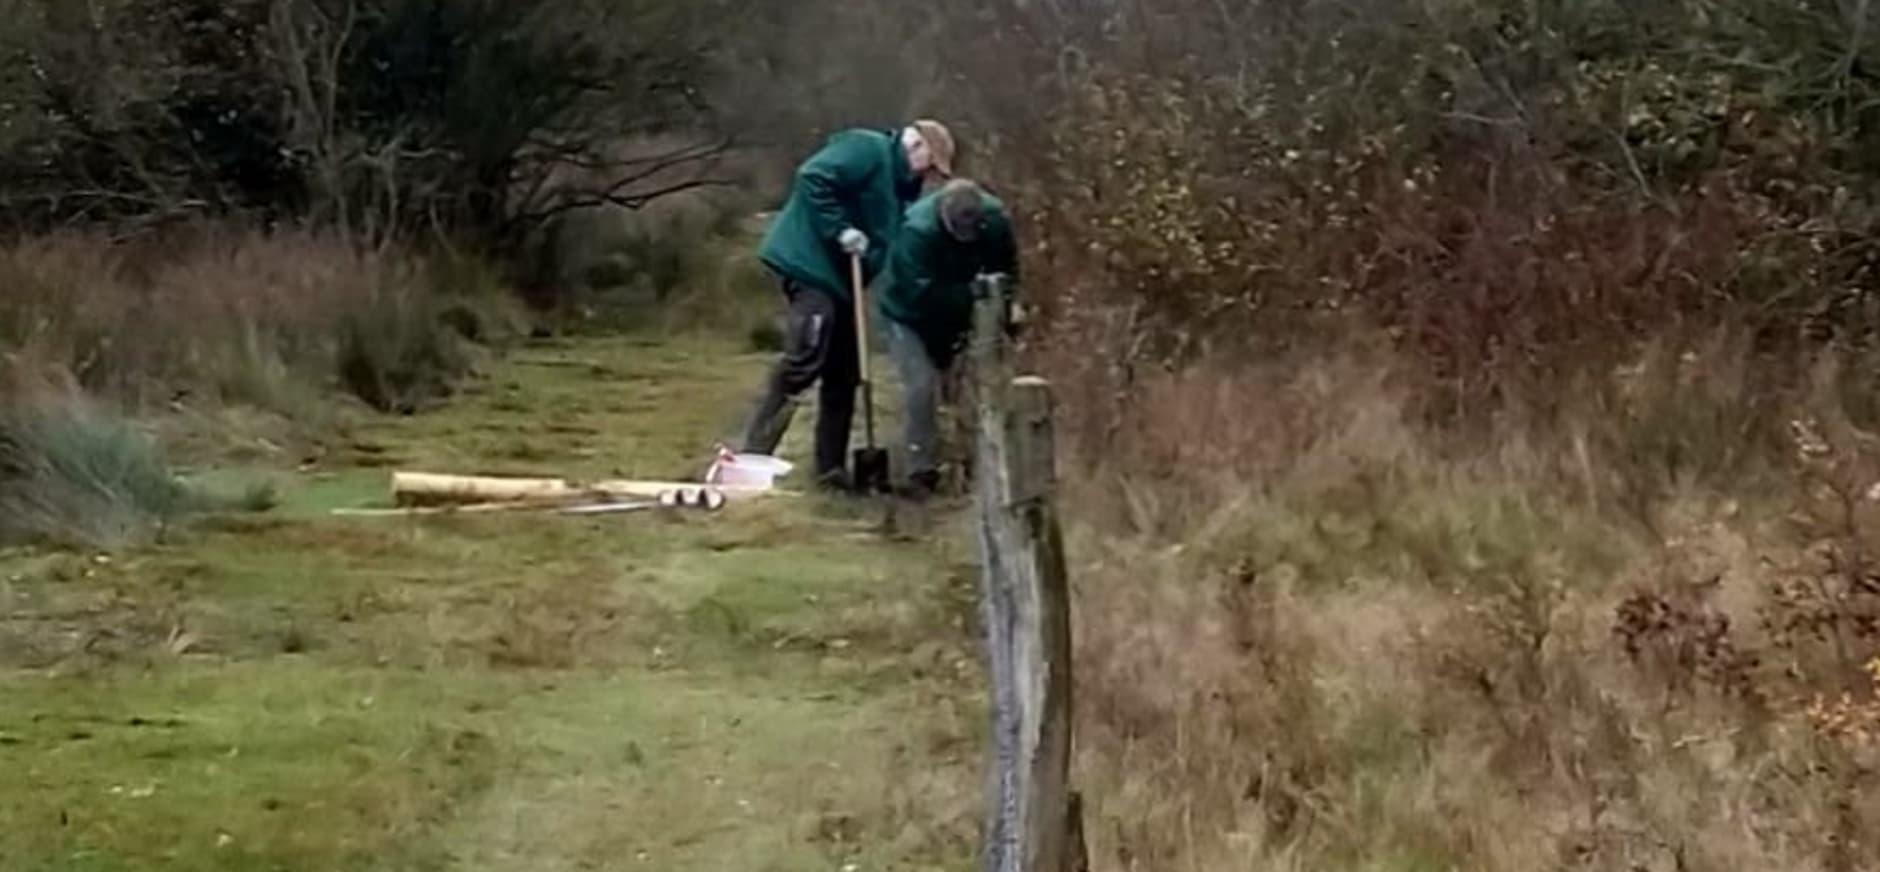 vrijwilligers plaatsen rasterpalen